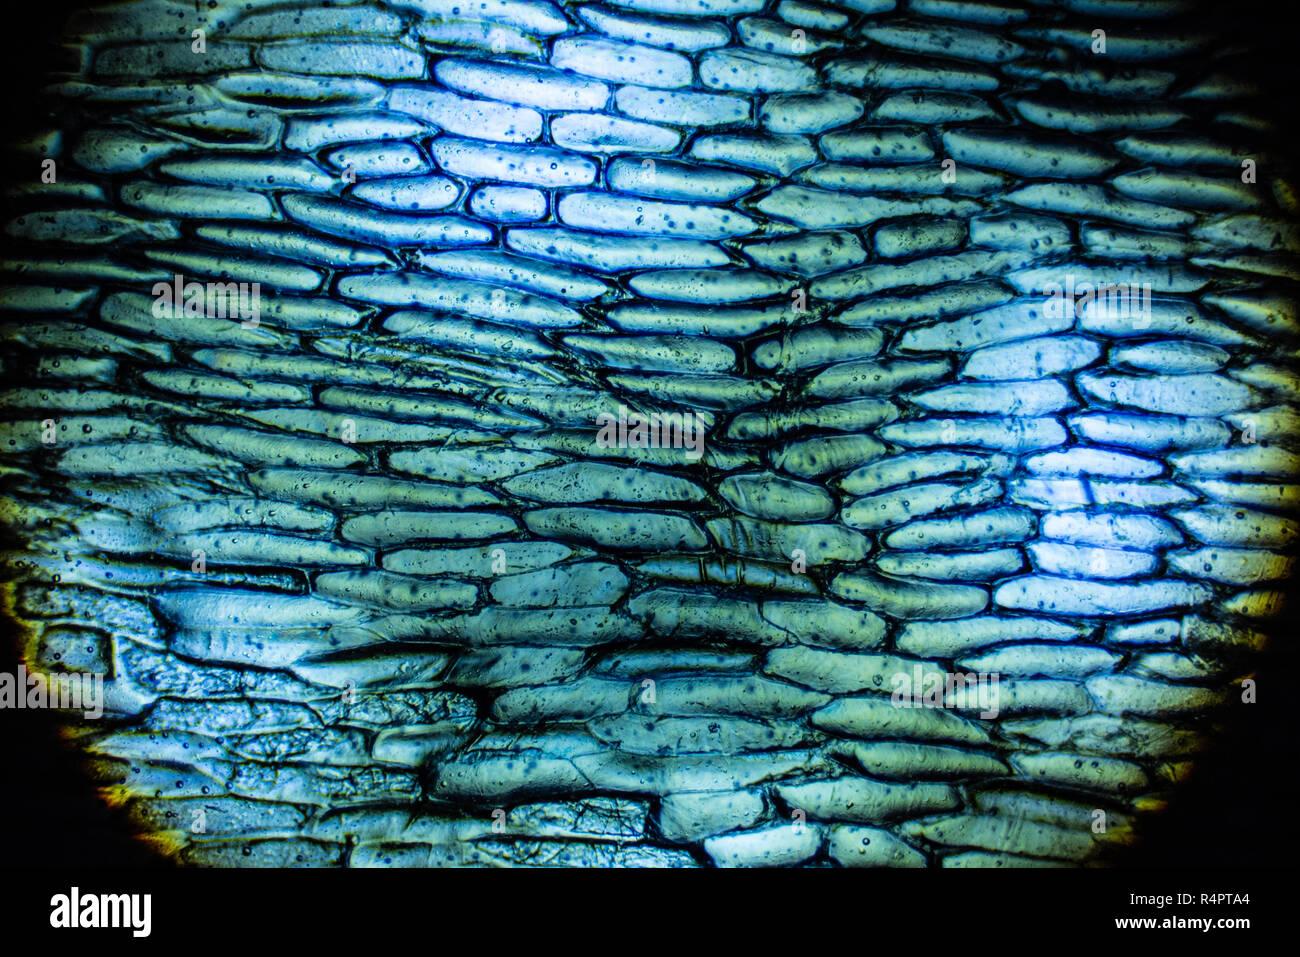 Cebolla las células bajo el microscopio. Foto de stock